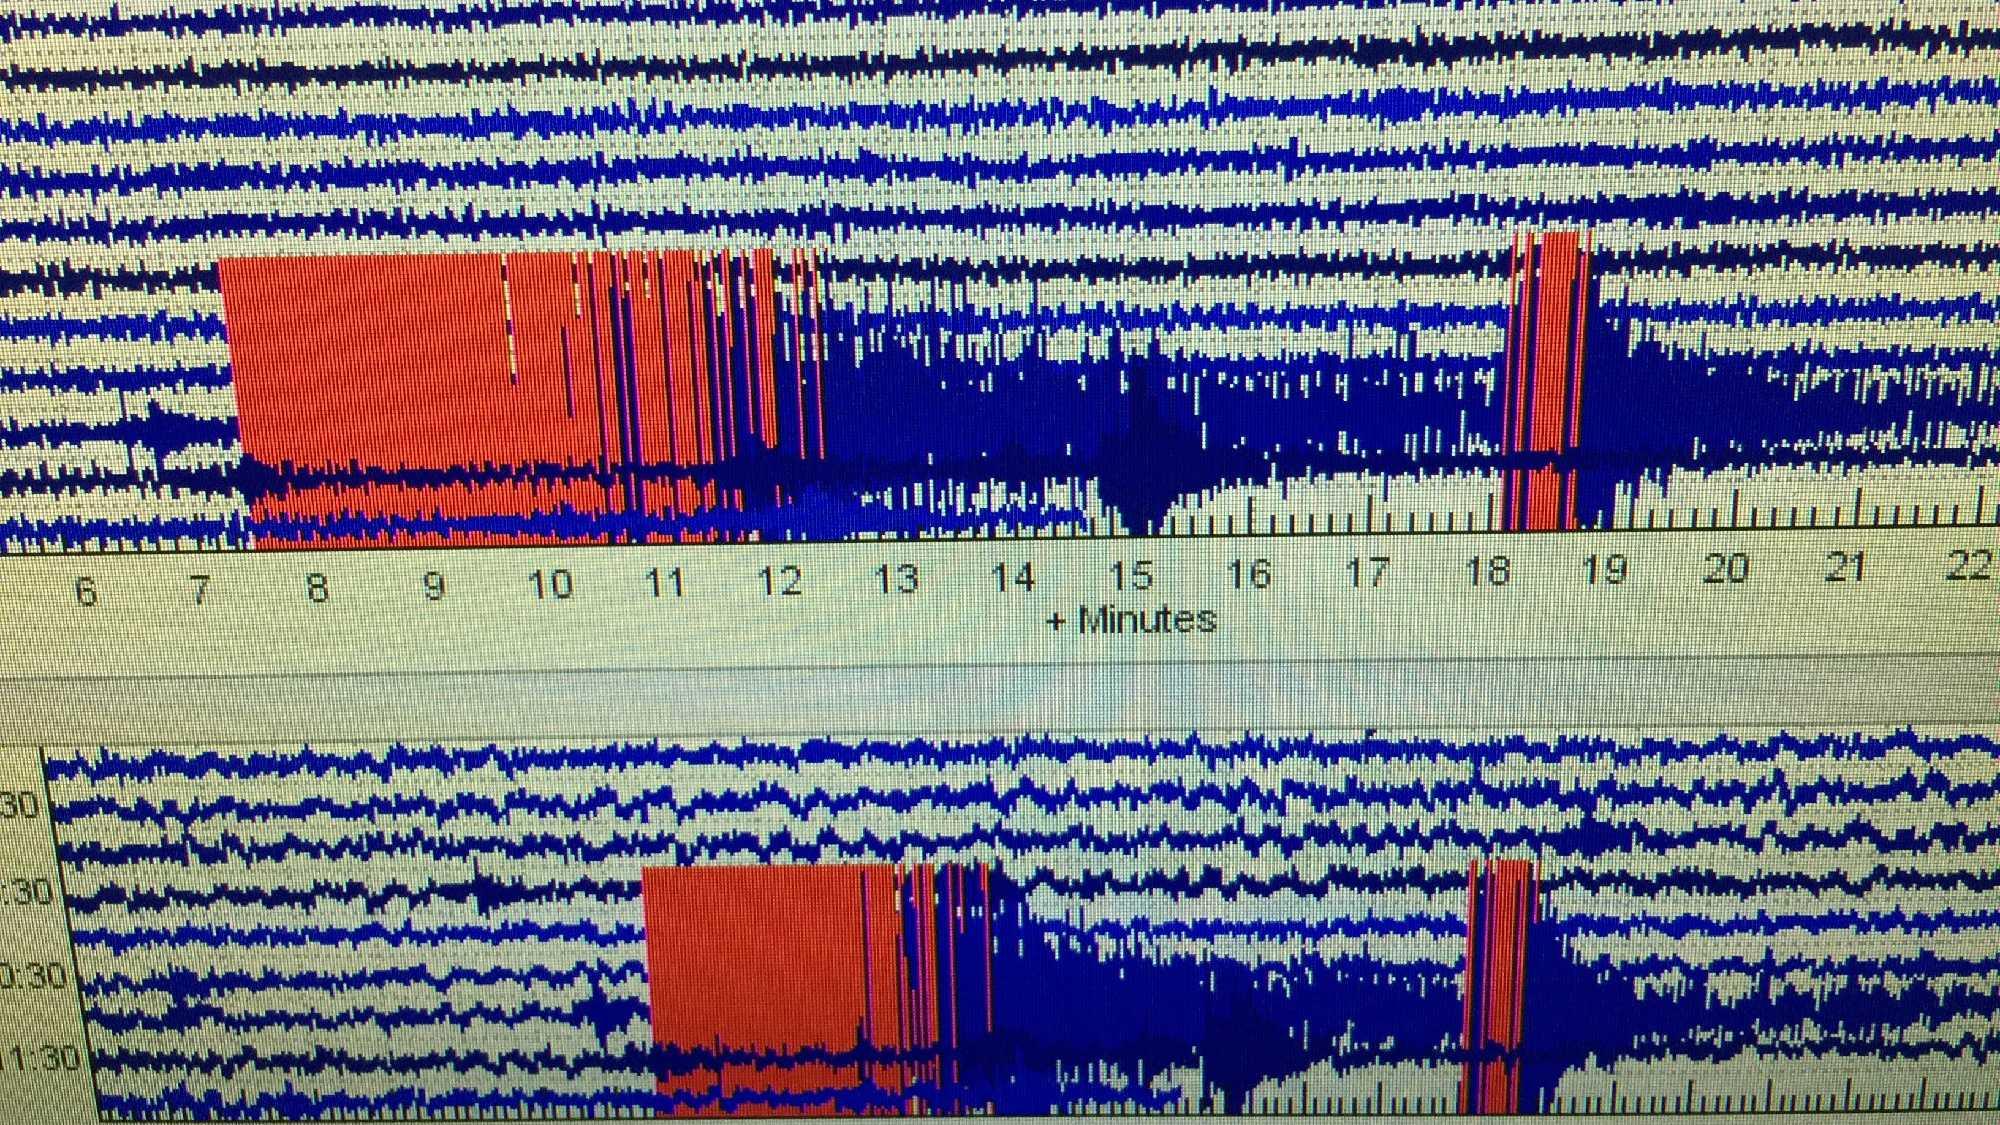 5.1 quake.jpg